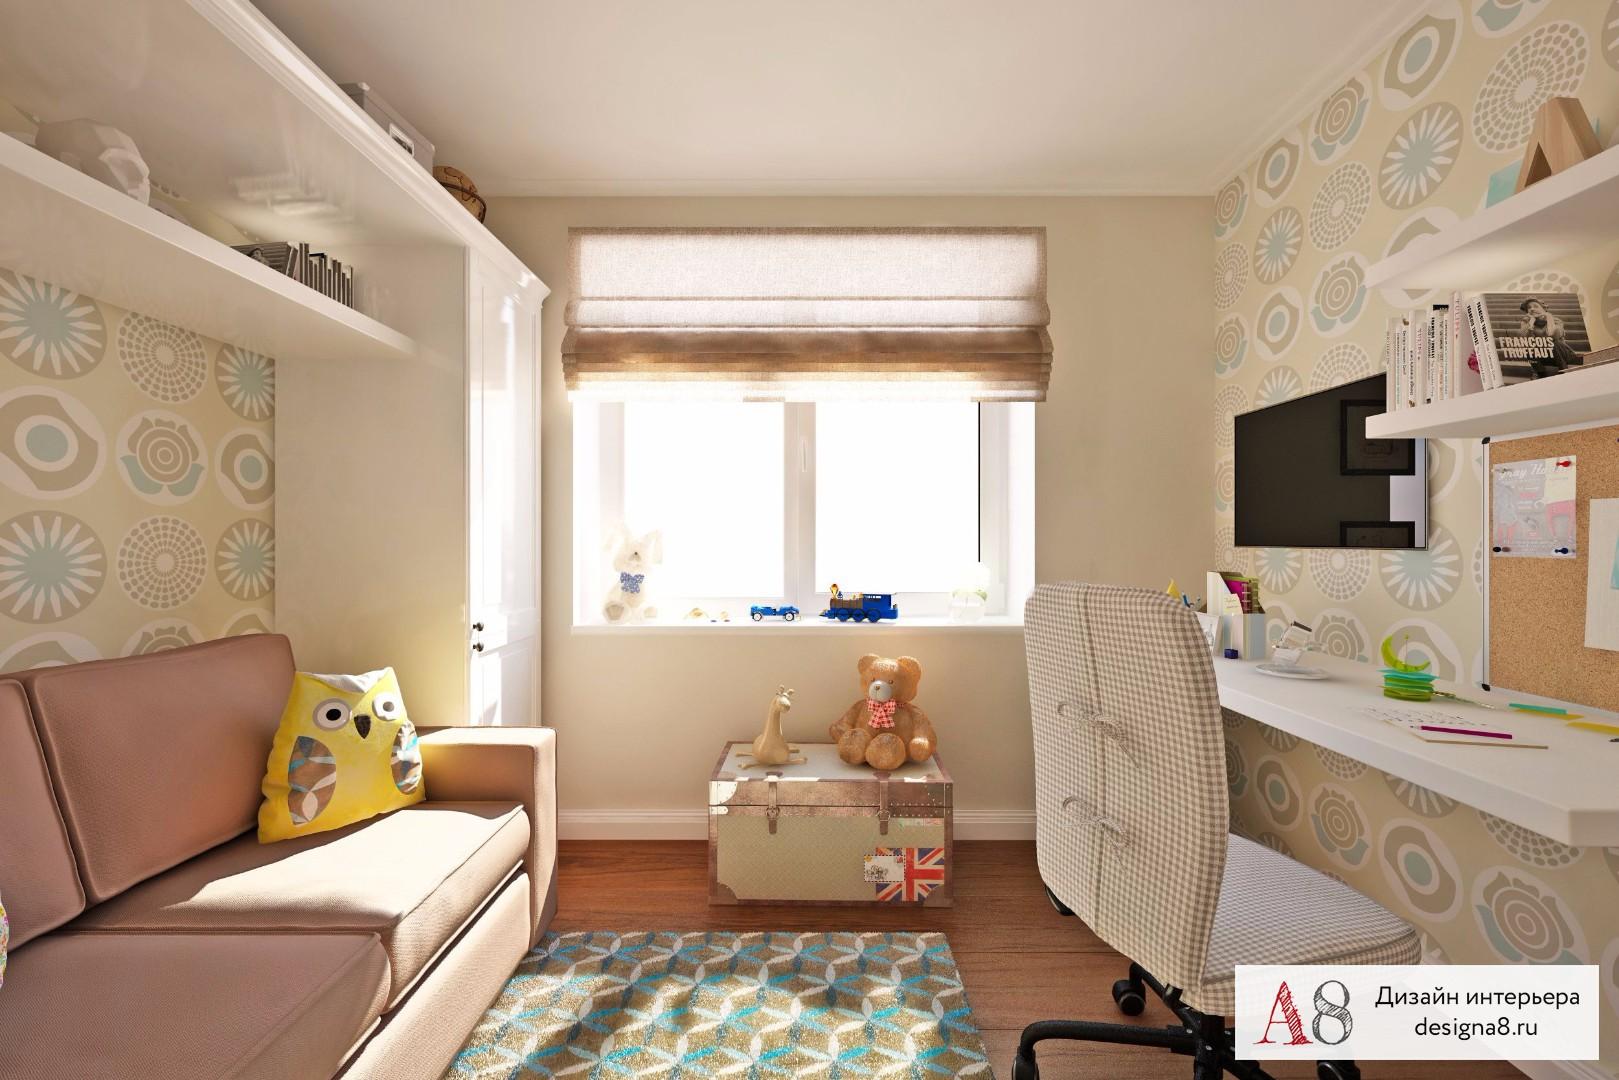 Как обустроить однокомнатную квартиру для семьи с ребенком фото